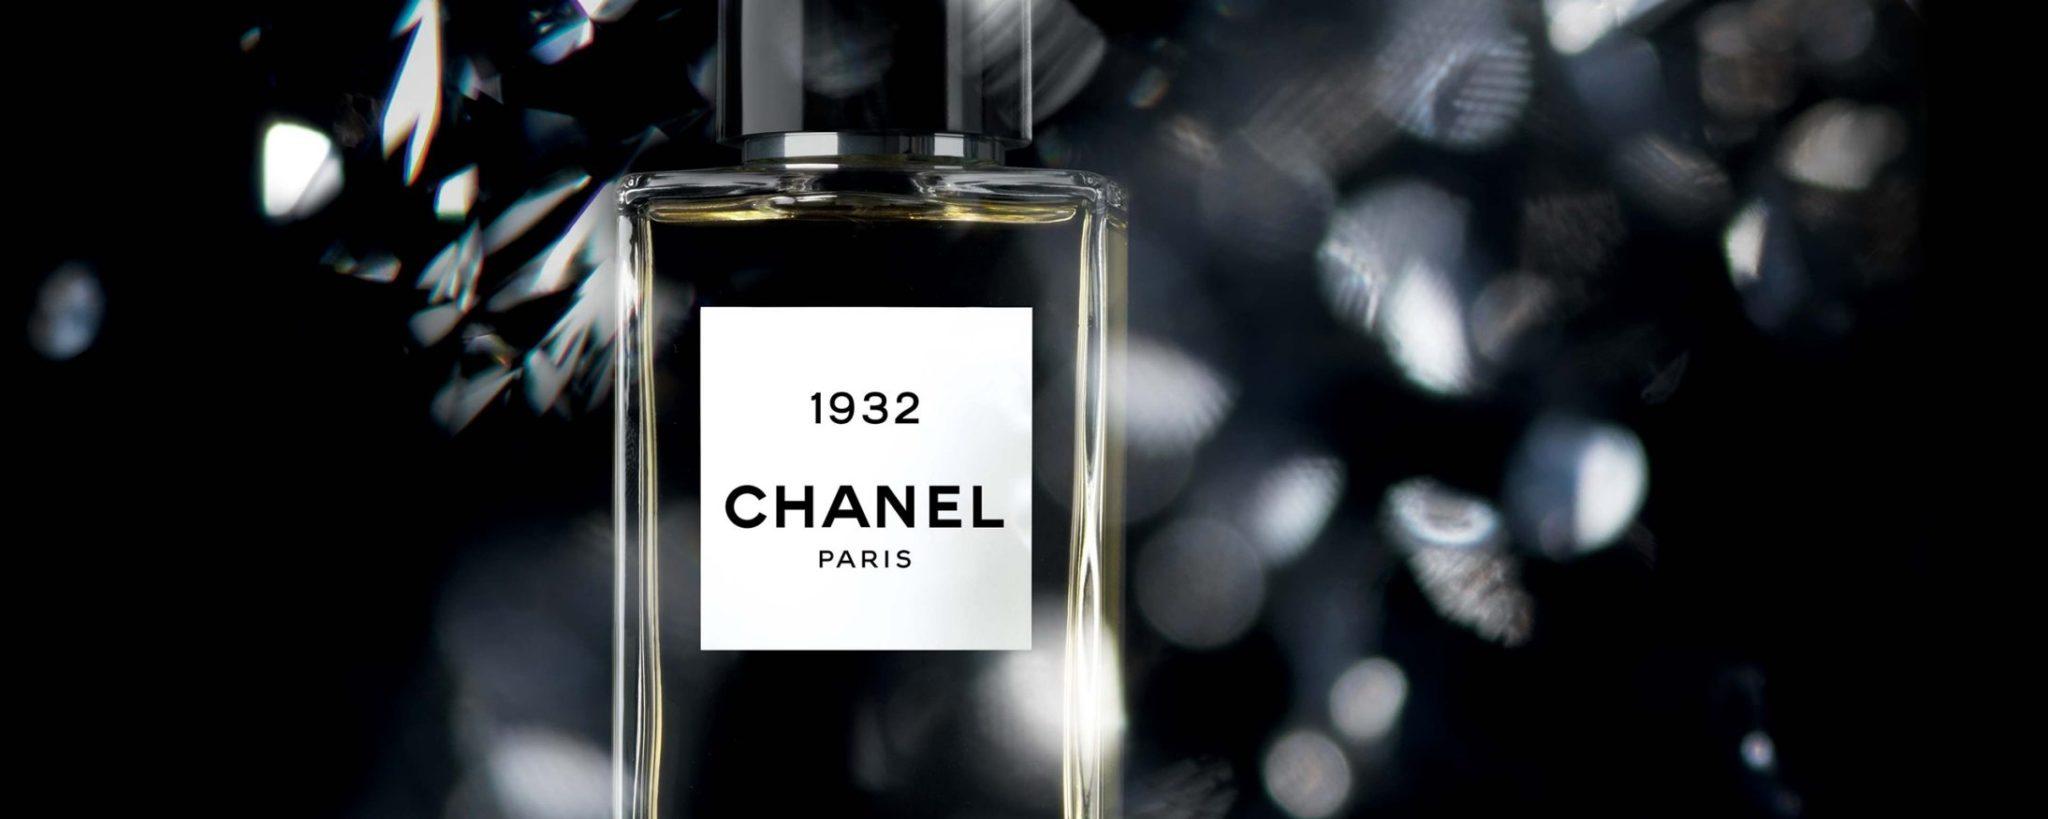 Chanel Les Exclusifs 1932 eau de parfum Esprit de Gabrielle espritdegabrielle.com